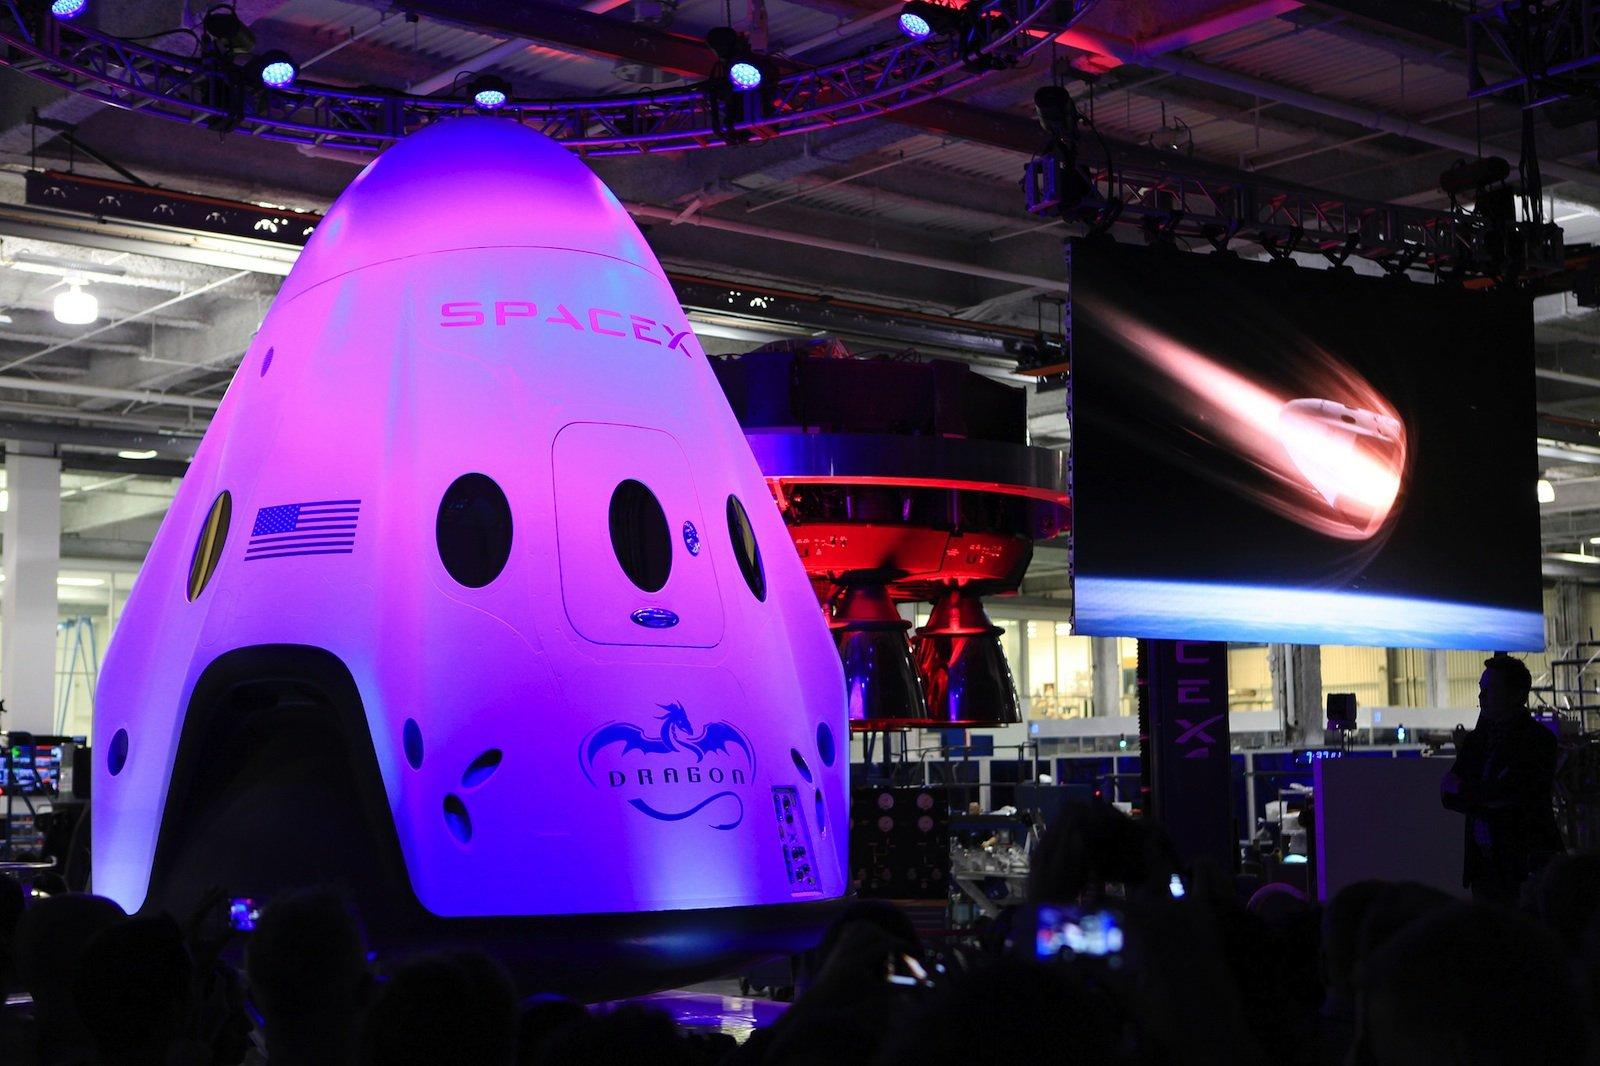 Auch SpaceX will mit seiner Dragon-Kapsel bereits 2017 bemannte Testflüge starten. Wann es aber richtig los geht, steht bislang noch nicht fest.